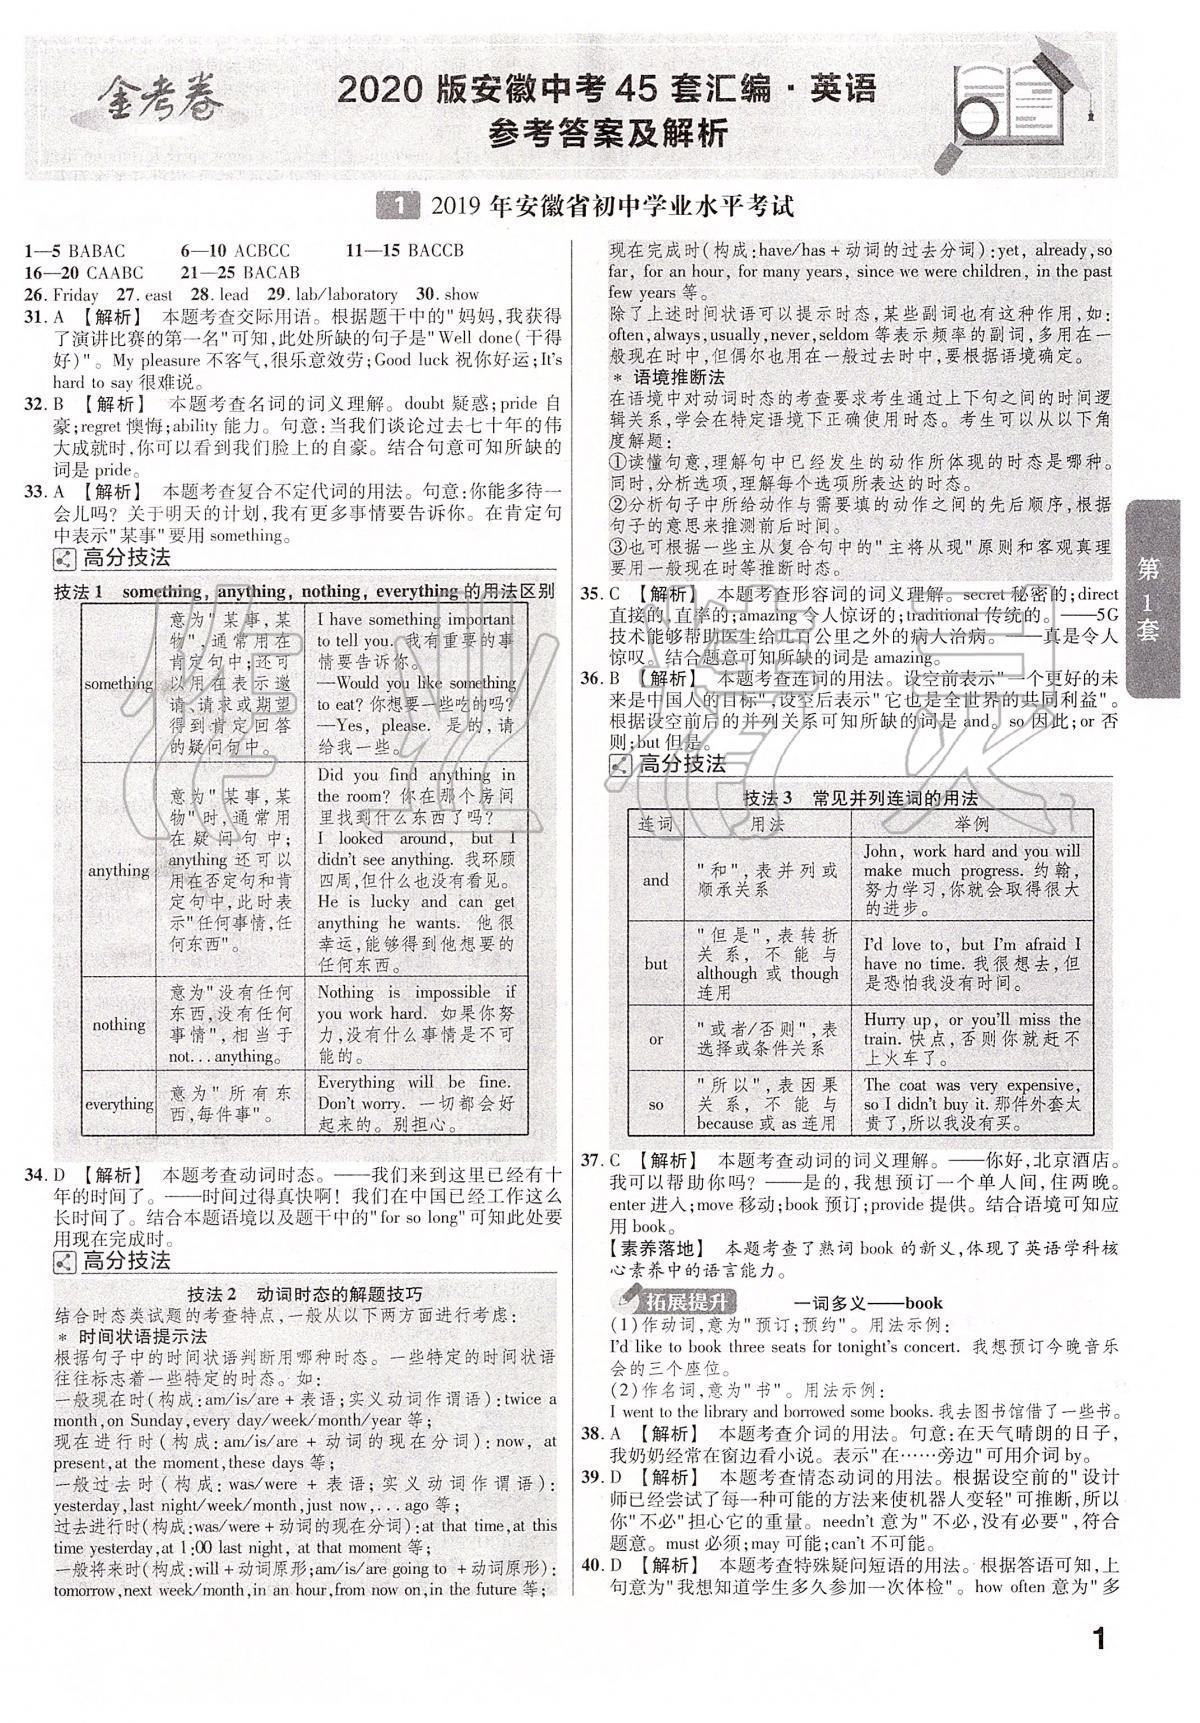 2020年金考卷安徽中考45套汇编英语第1页